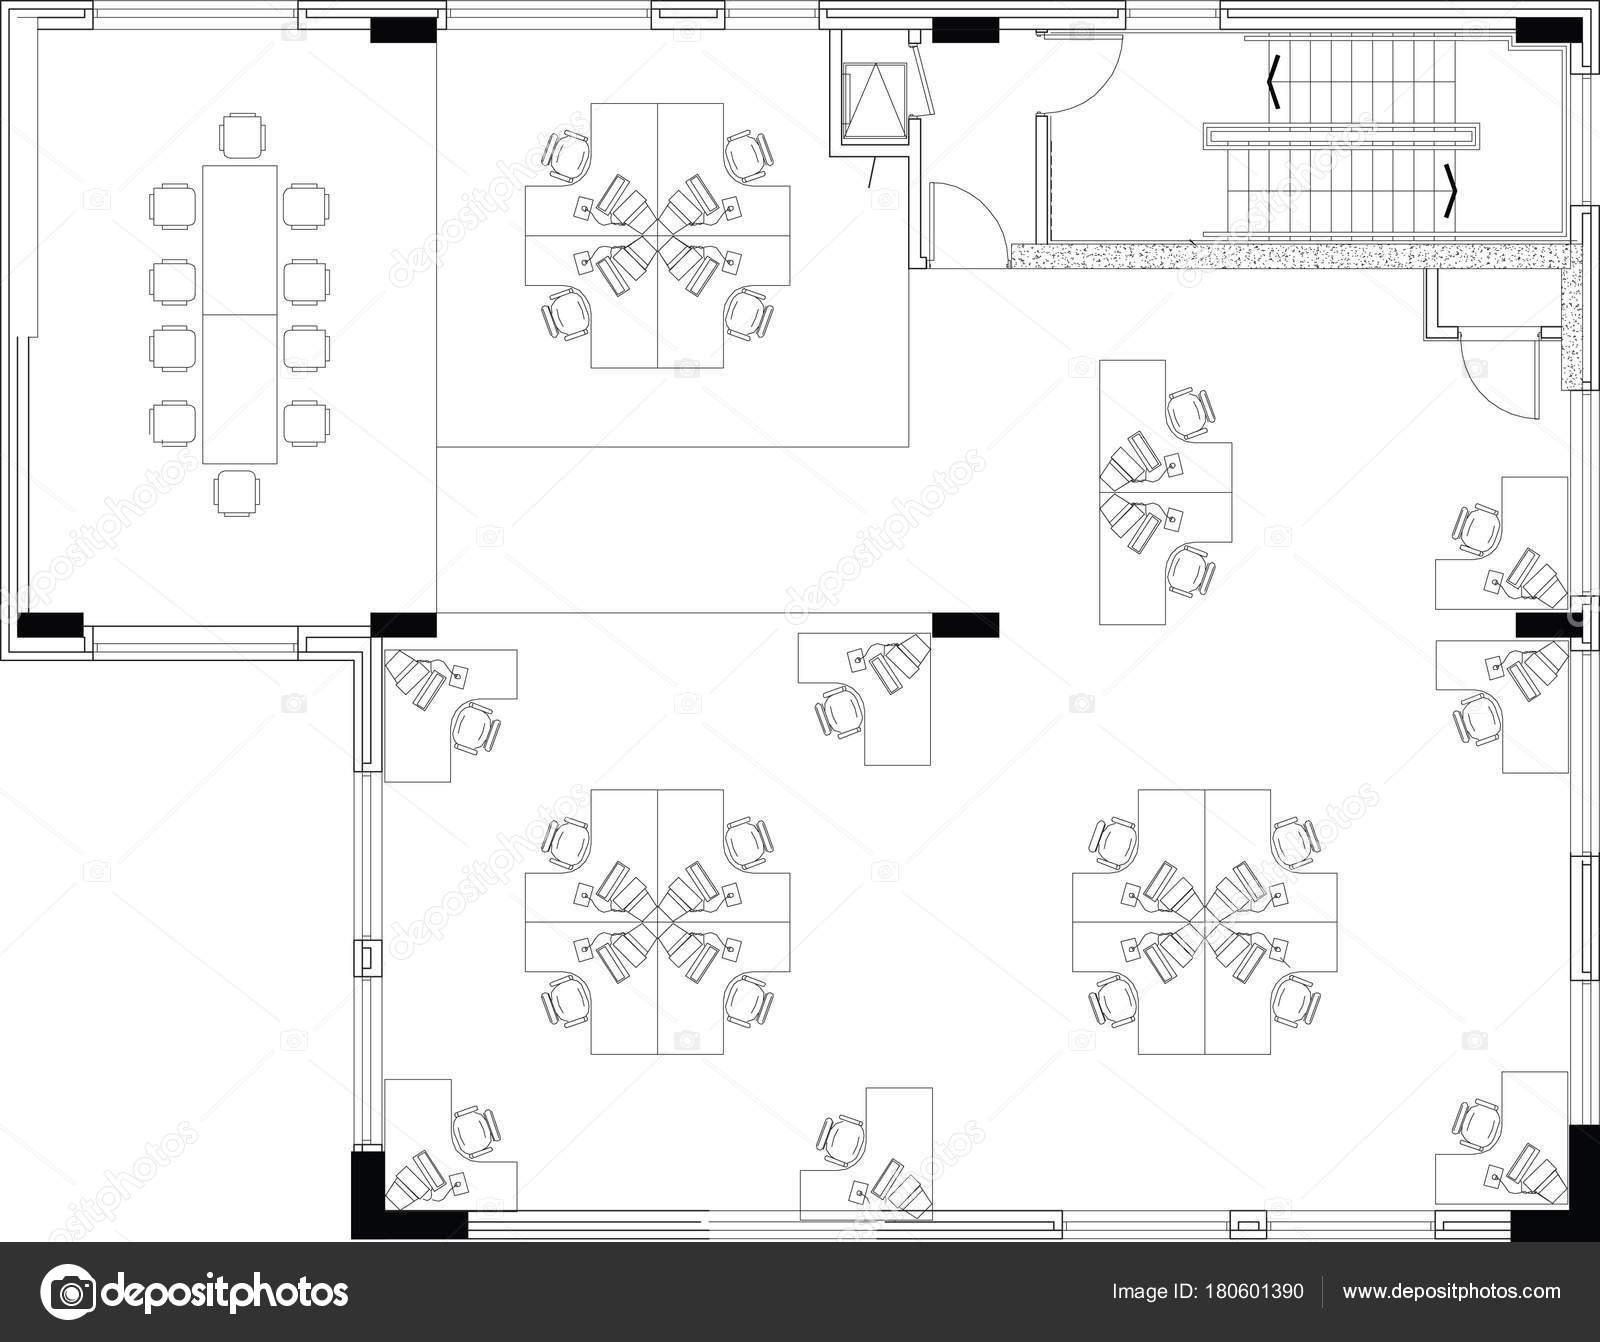 商業オフィス レイアウトのフロアプラン — ストックベクター © joingate